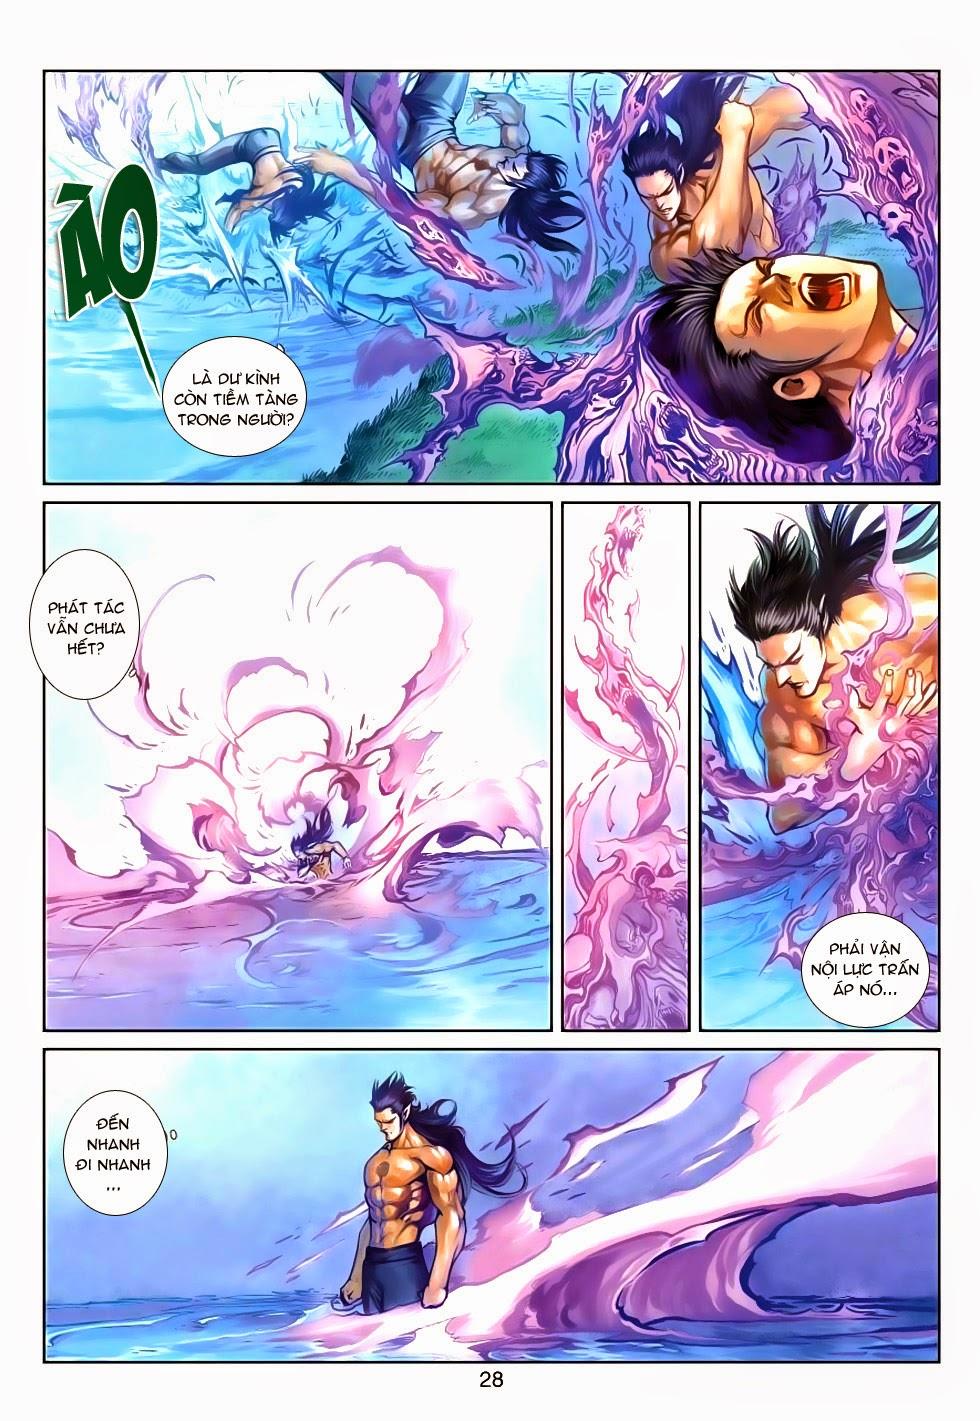 Thần Binh Tiền Truyện 4 - Huyền Thiên Tà Đế chap 5 - Trang 28